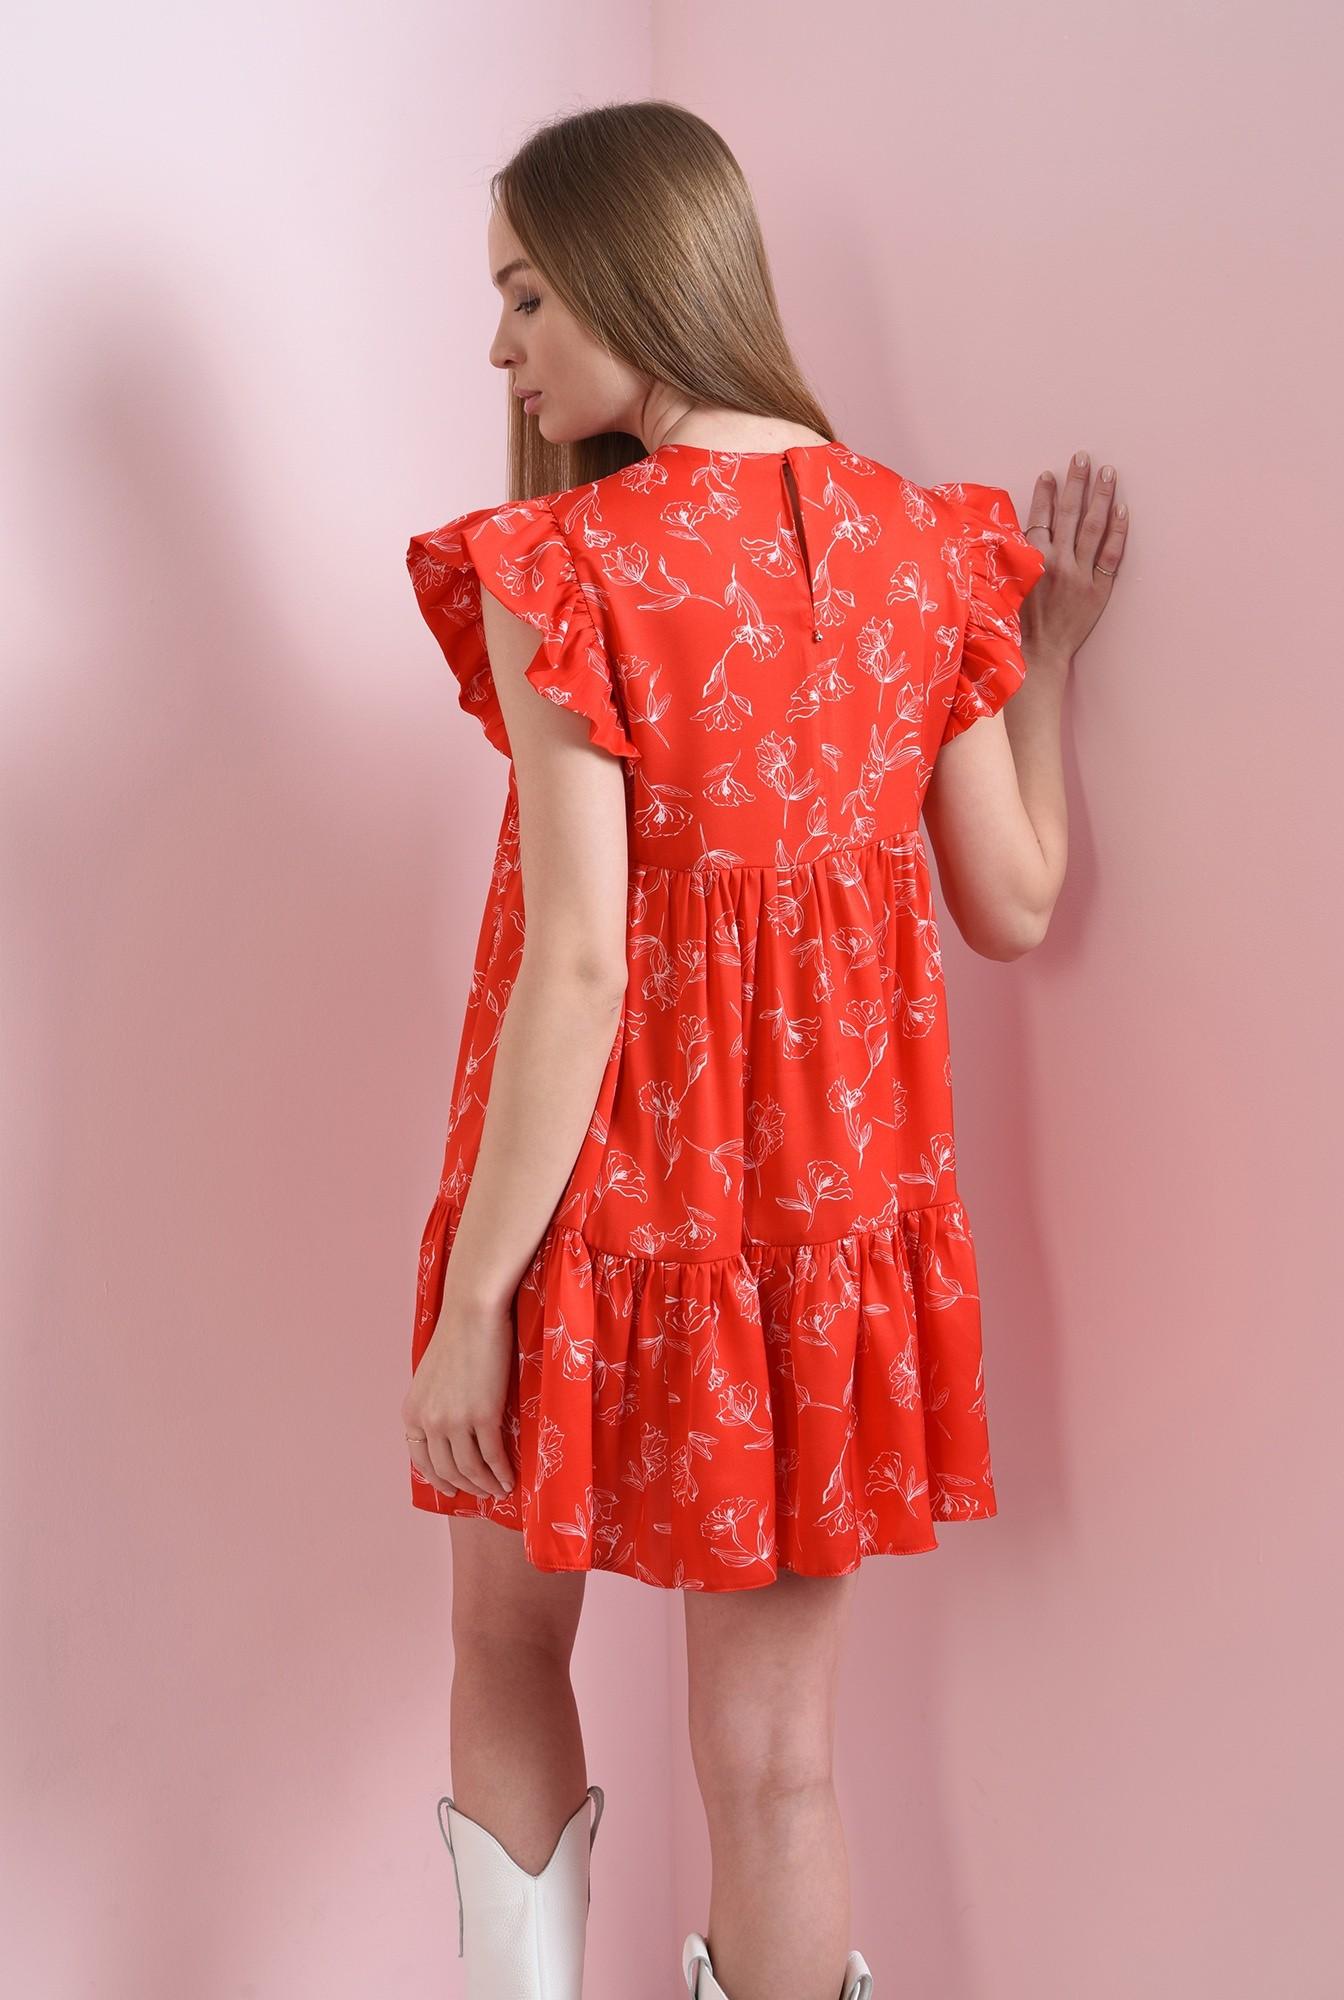 0 - rochie rosie, scurta, cu print